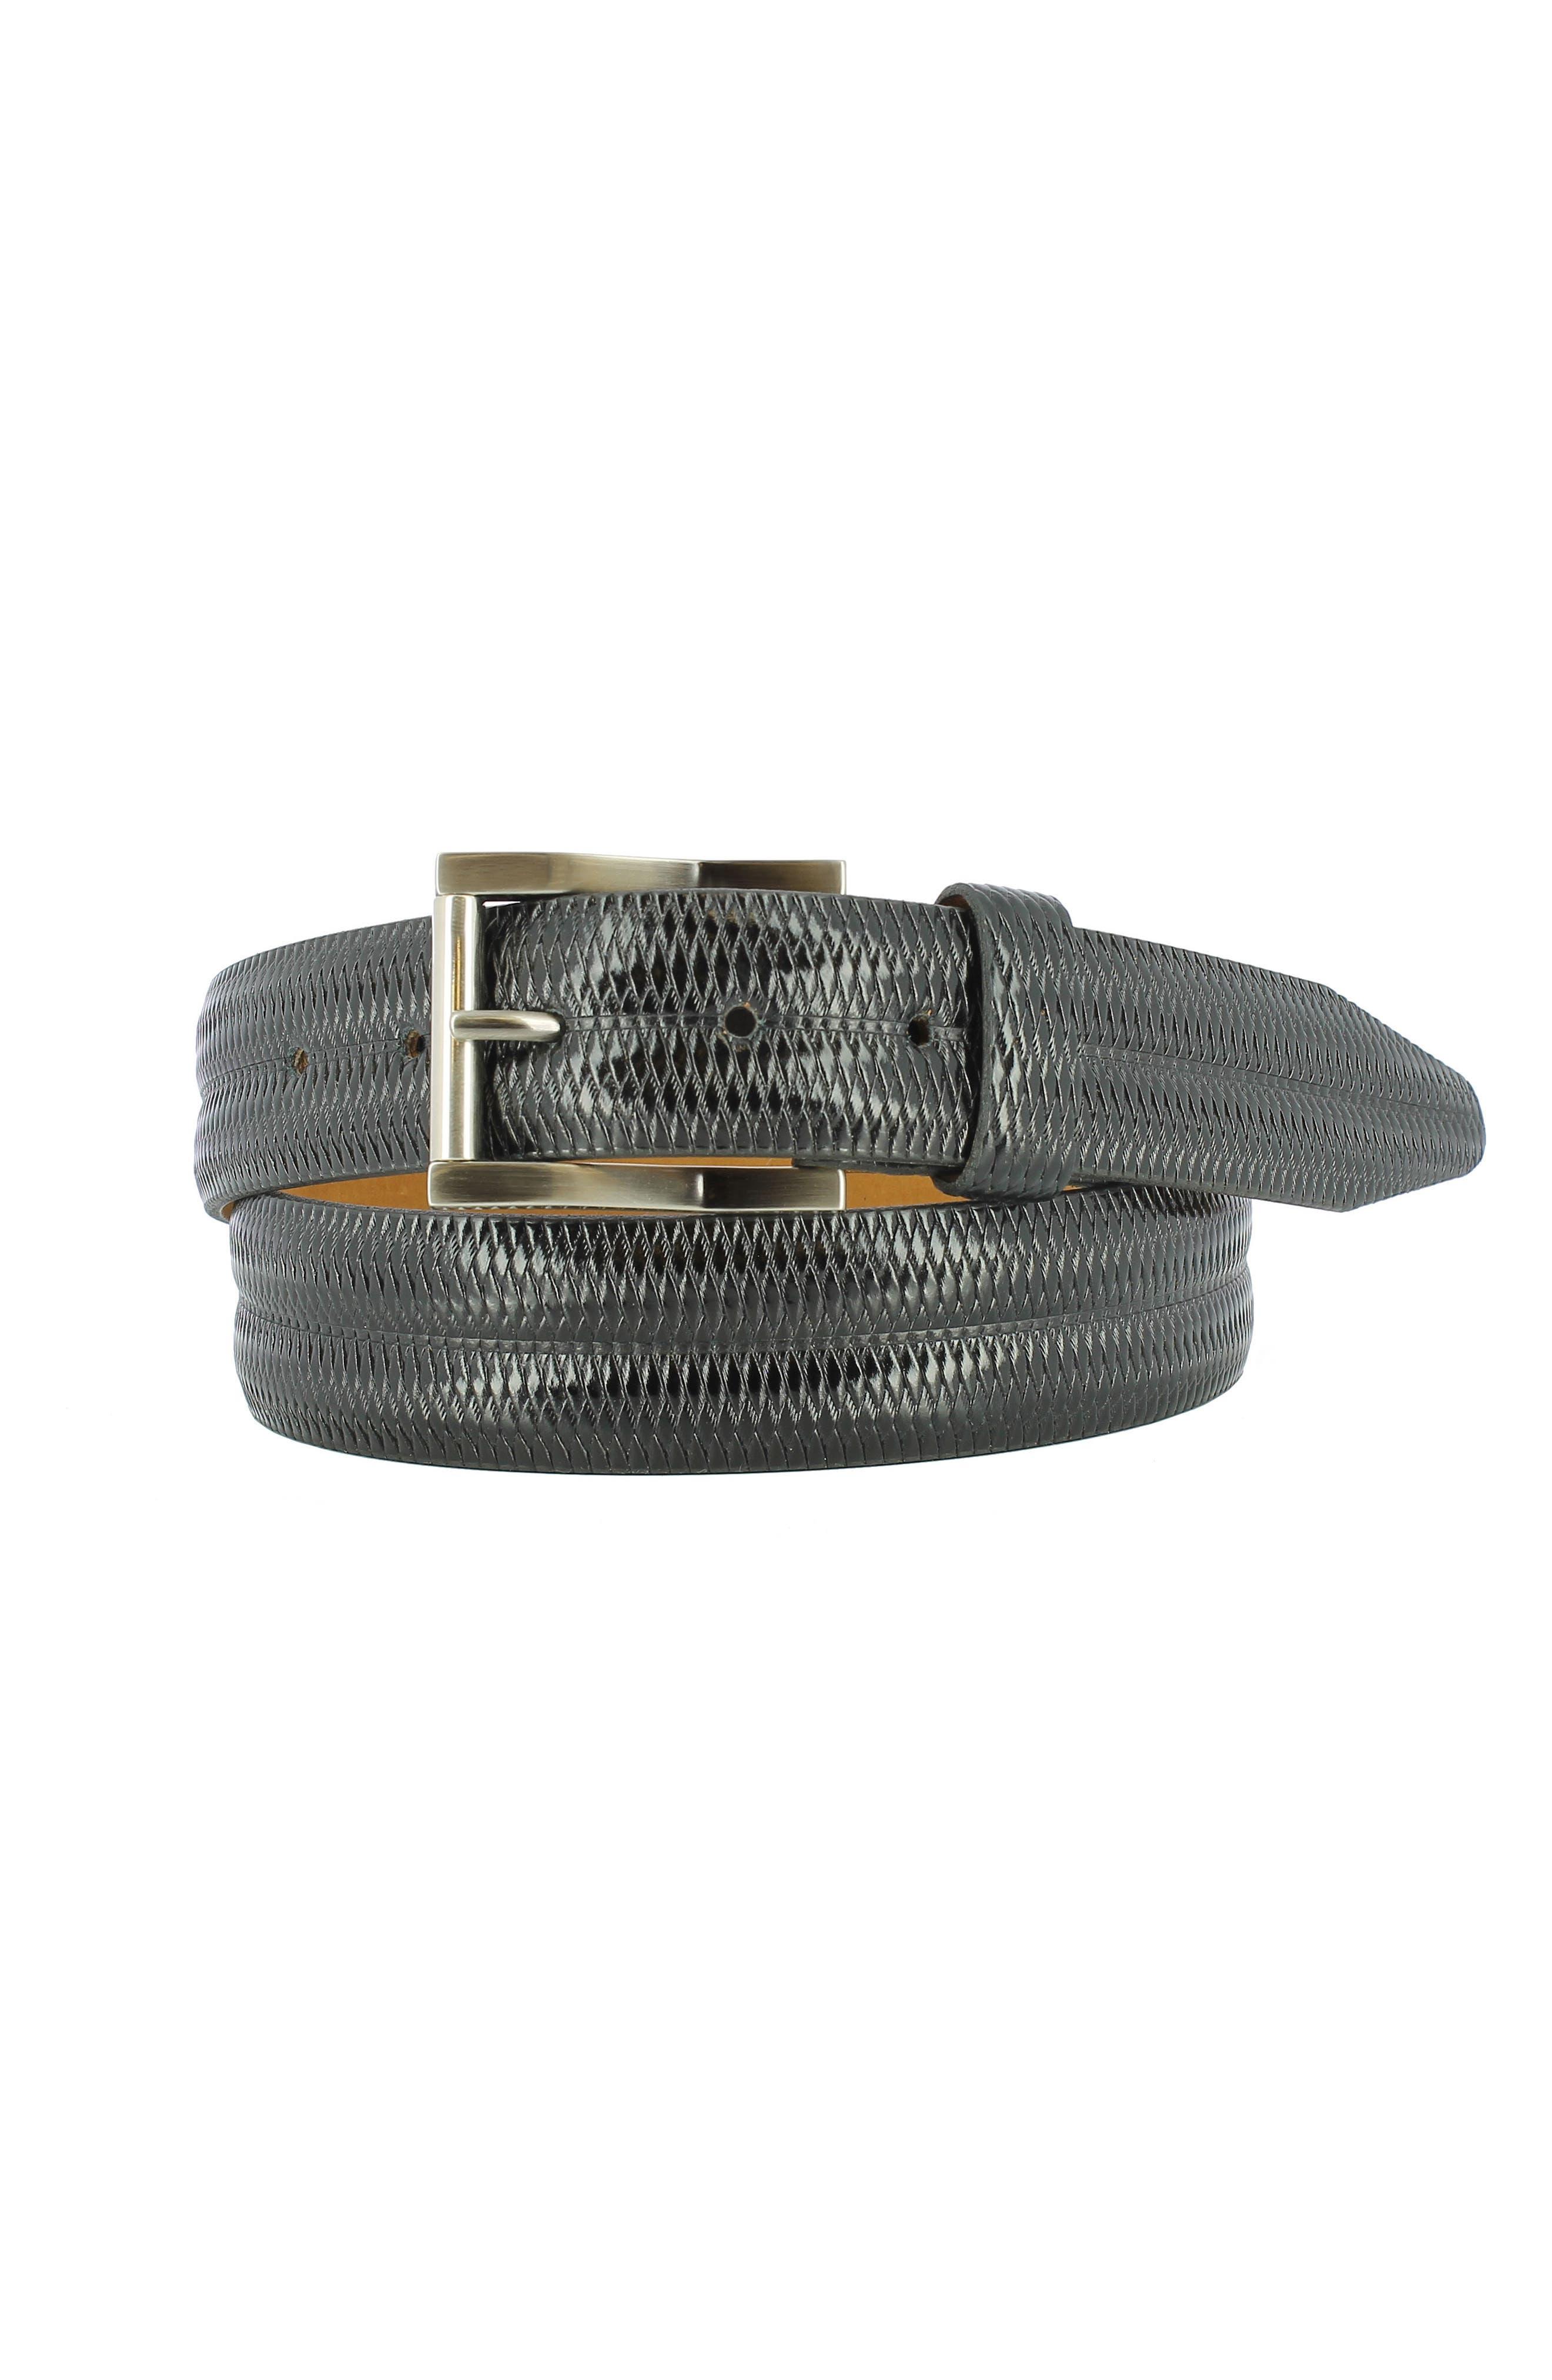 Lux Leather Belt,                             Main thumbnail 1, color,                             Black